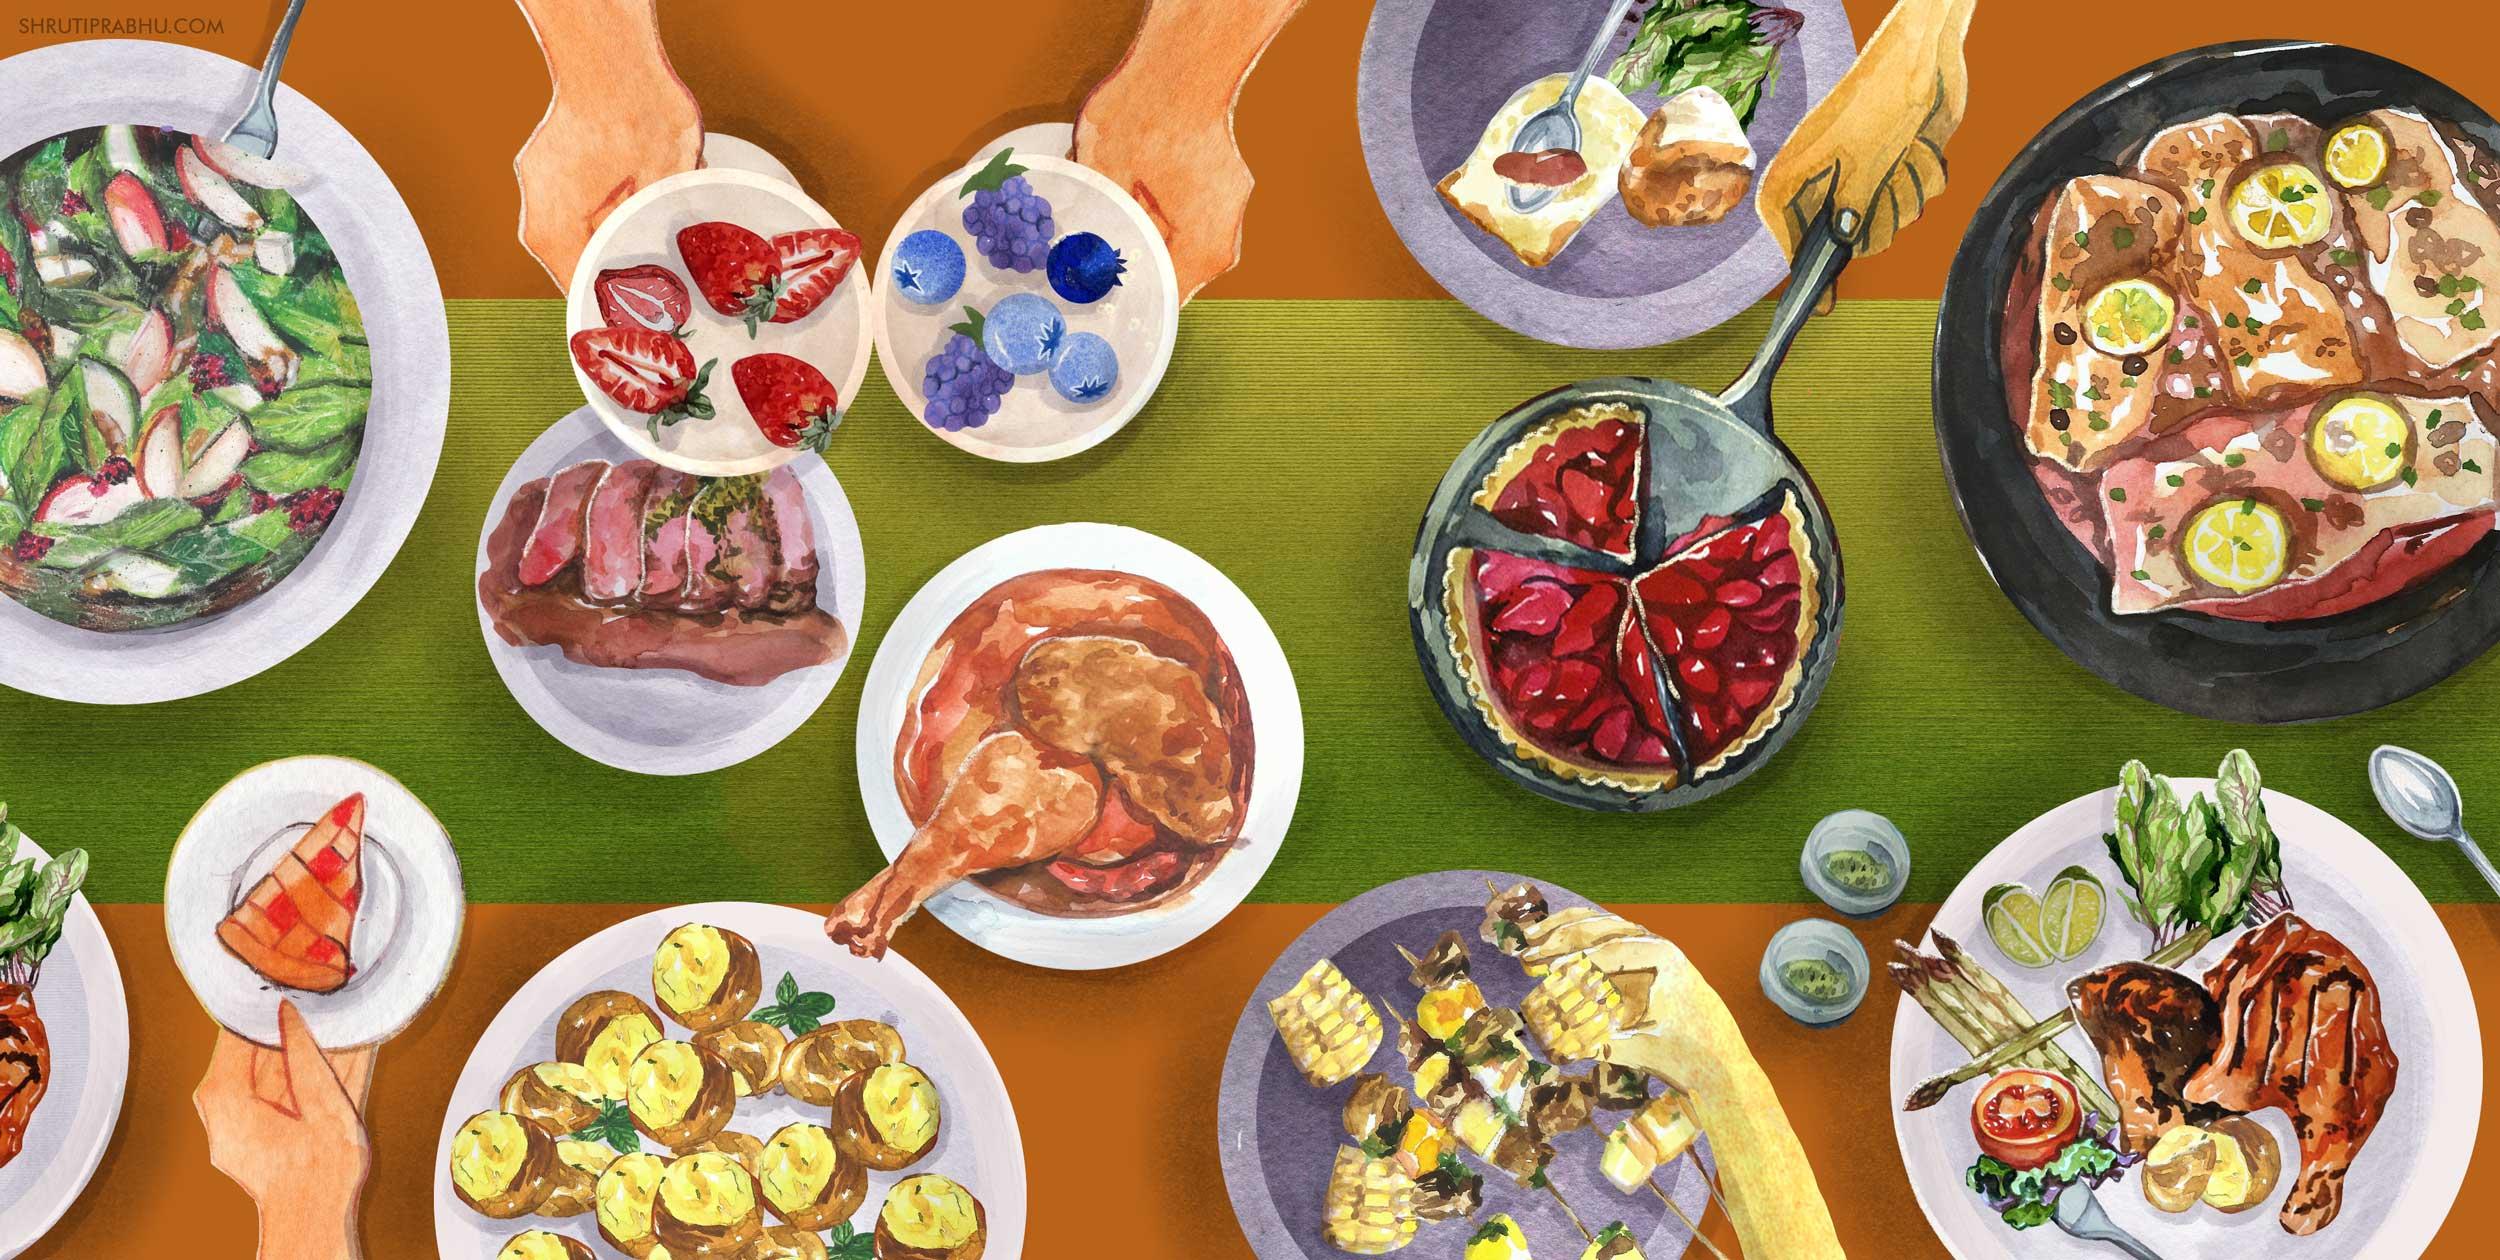 Food Illustration - Dinner Feast